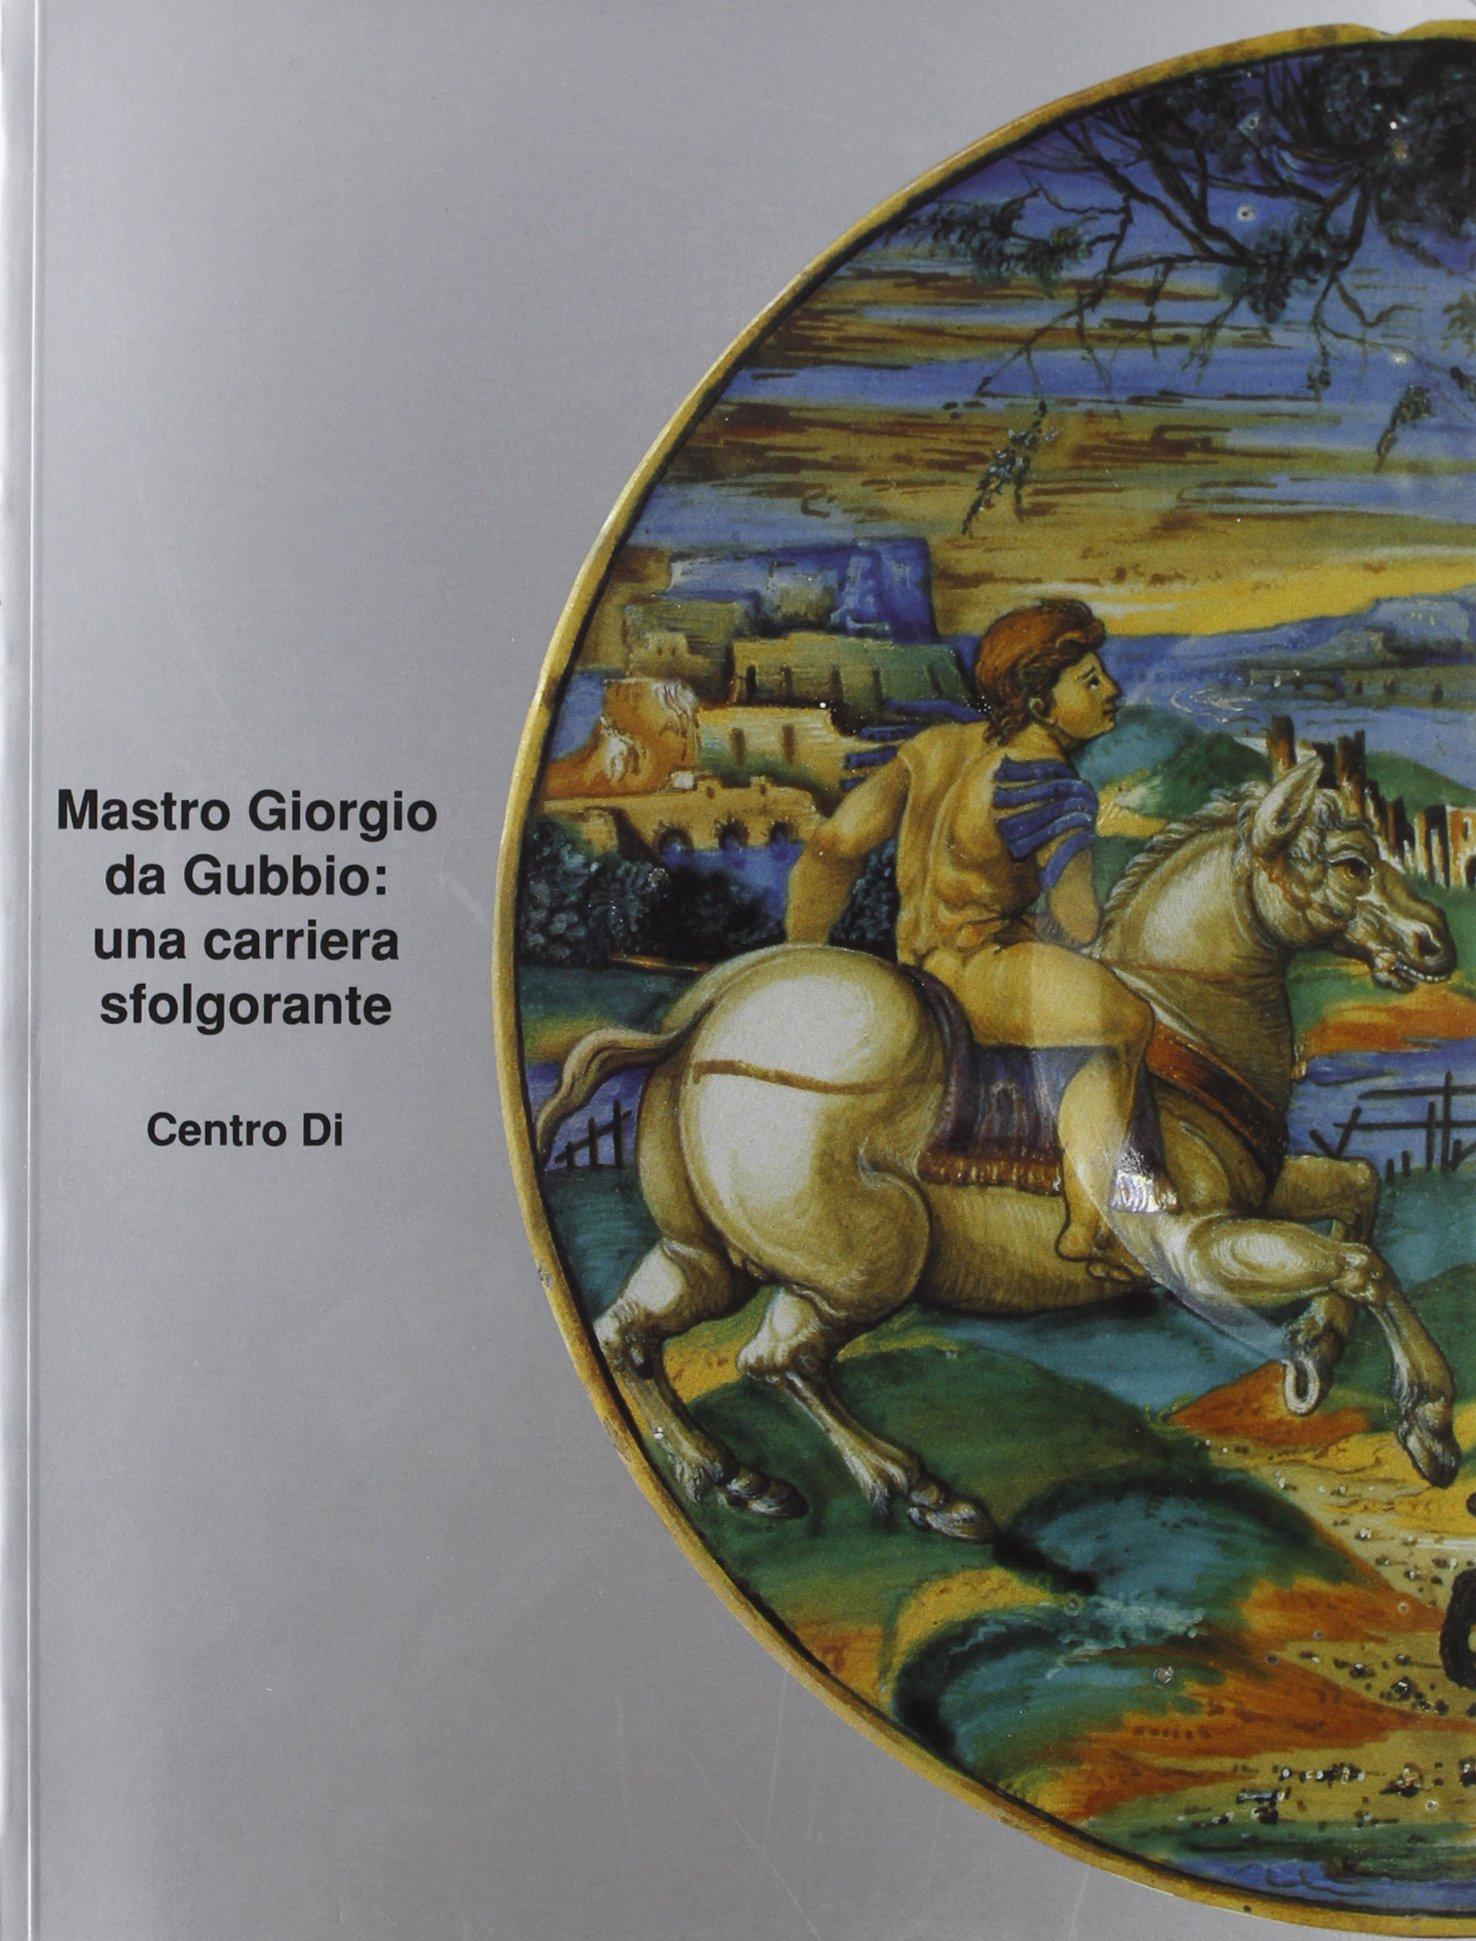 Mastro Giorgio Da Gubbio: Una Sfolgorante Carriera (Centro Di cat) (Italian Edition) by Centro Di